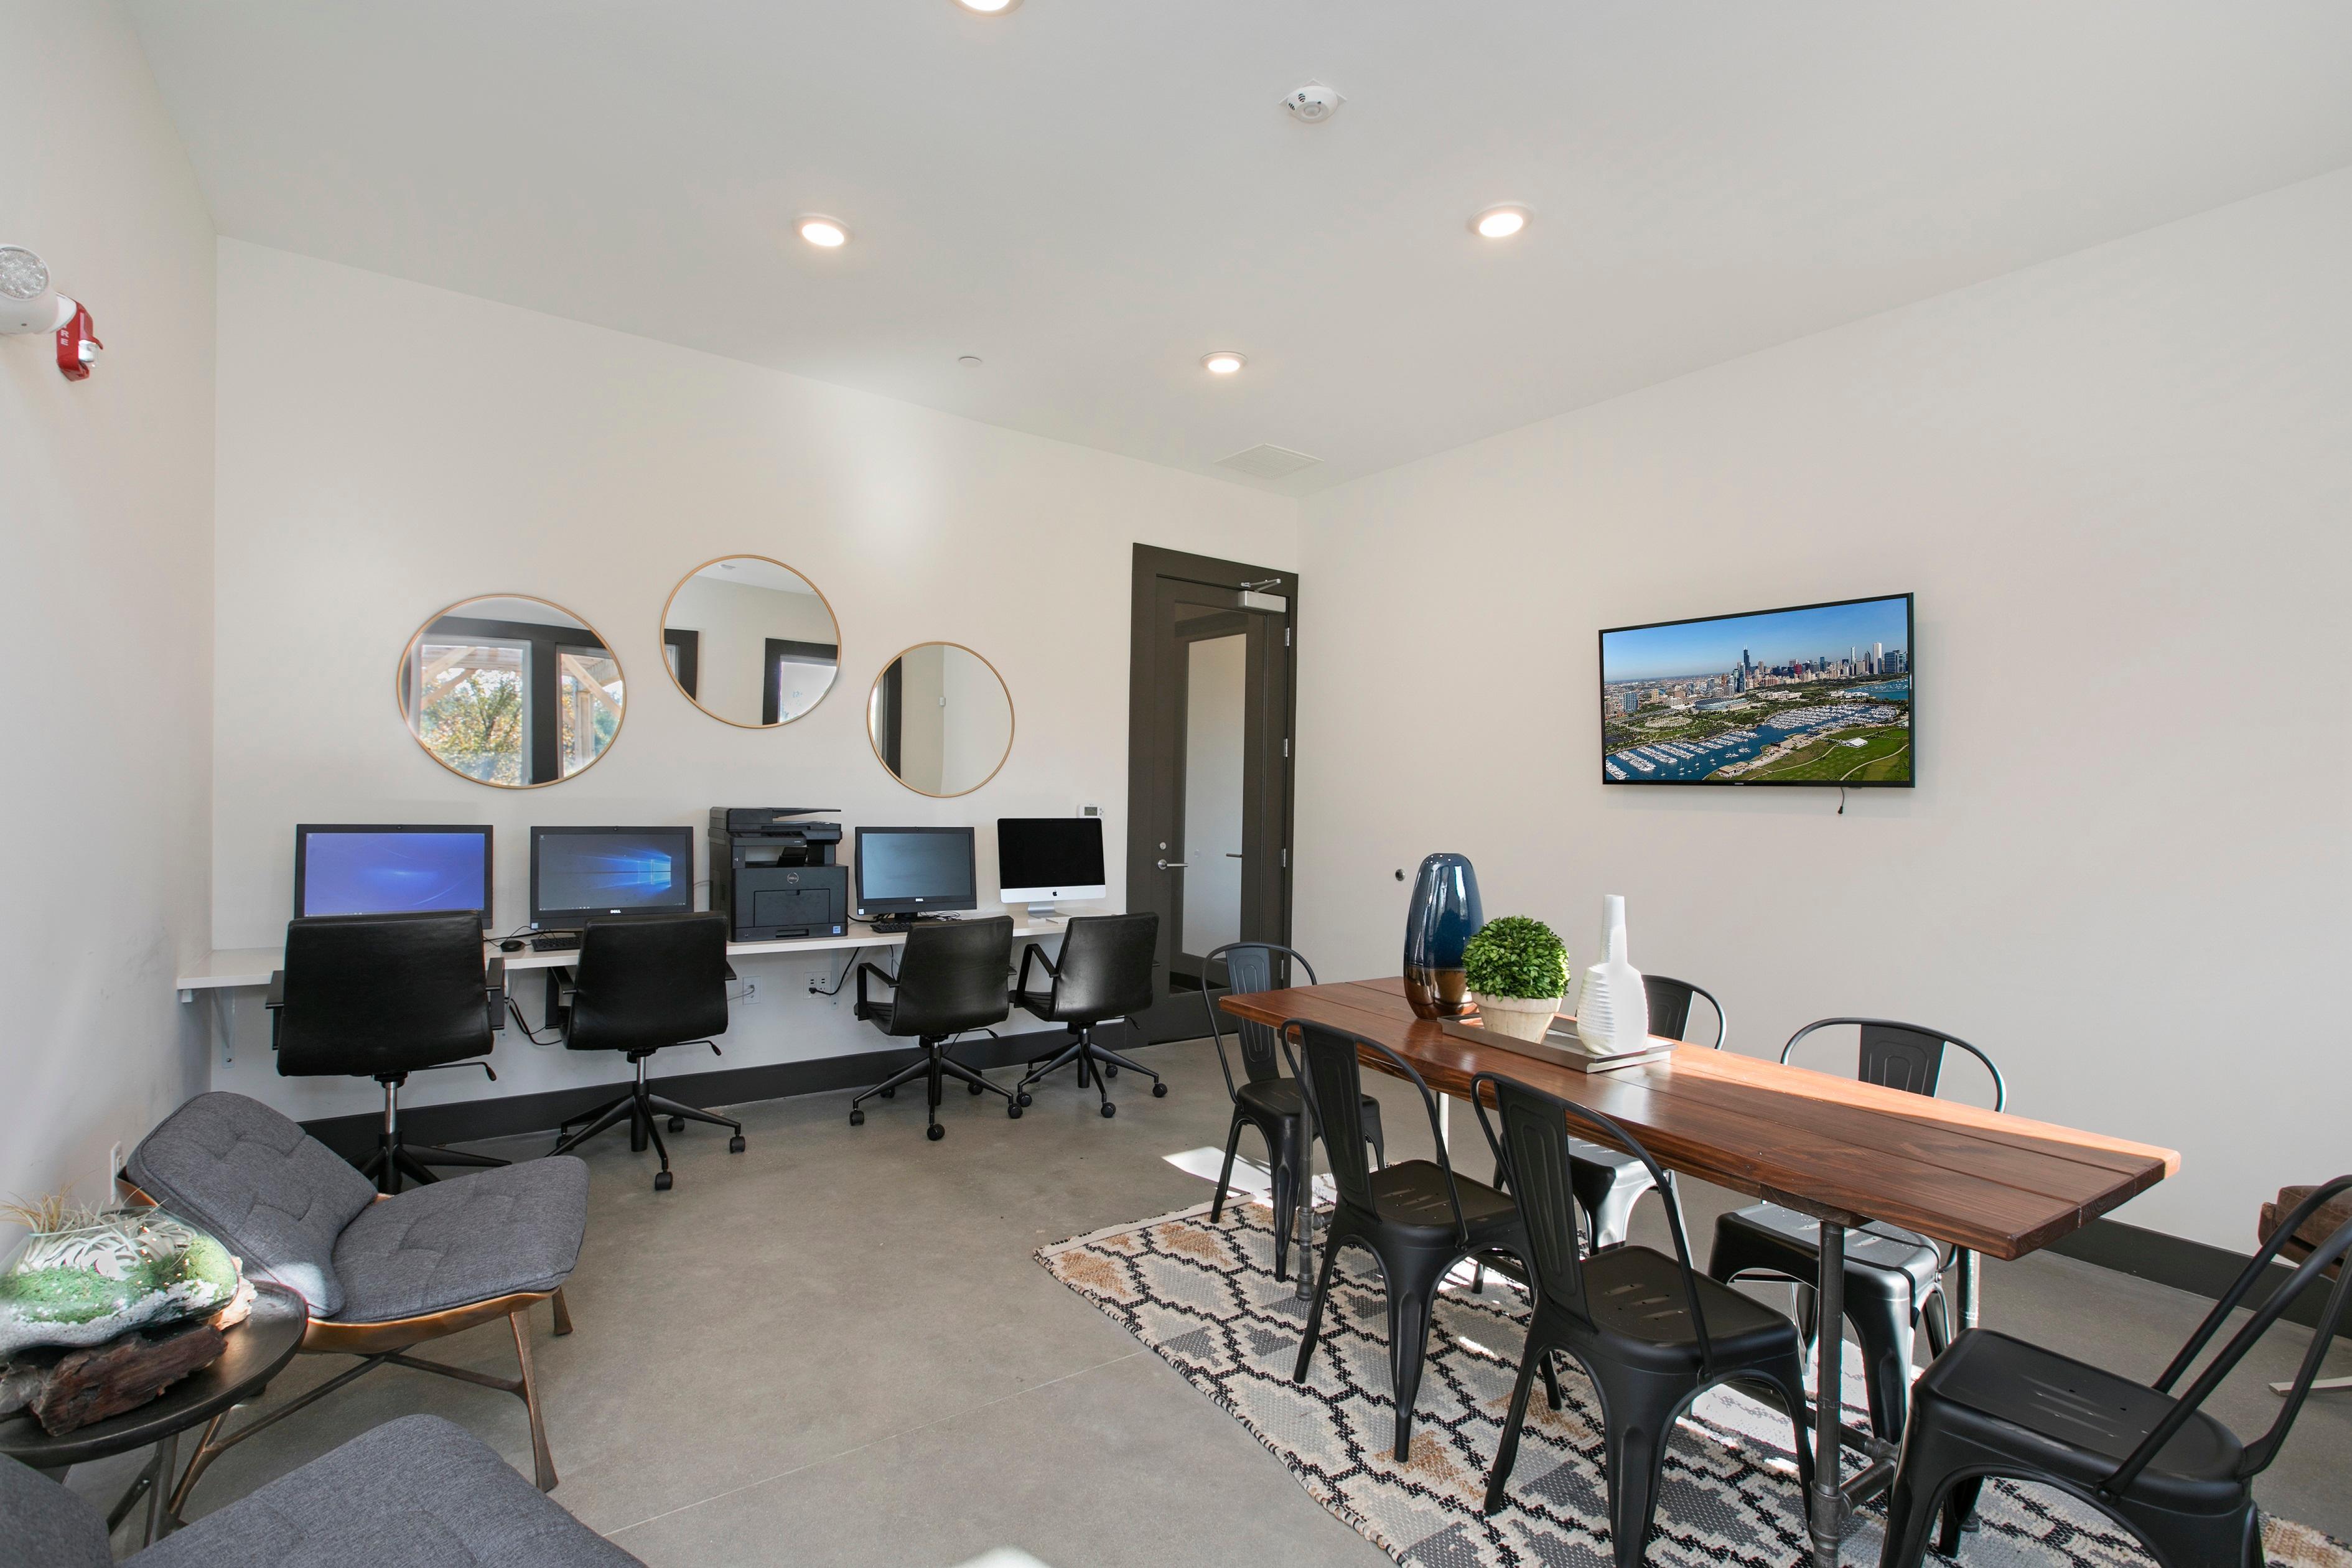 Westmont Village Apartments image 8